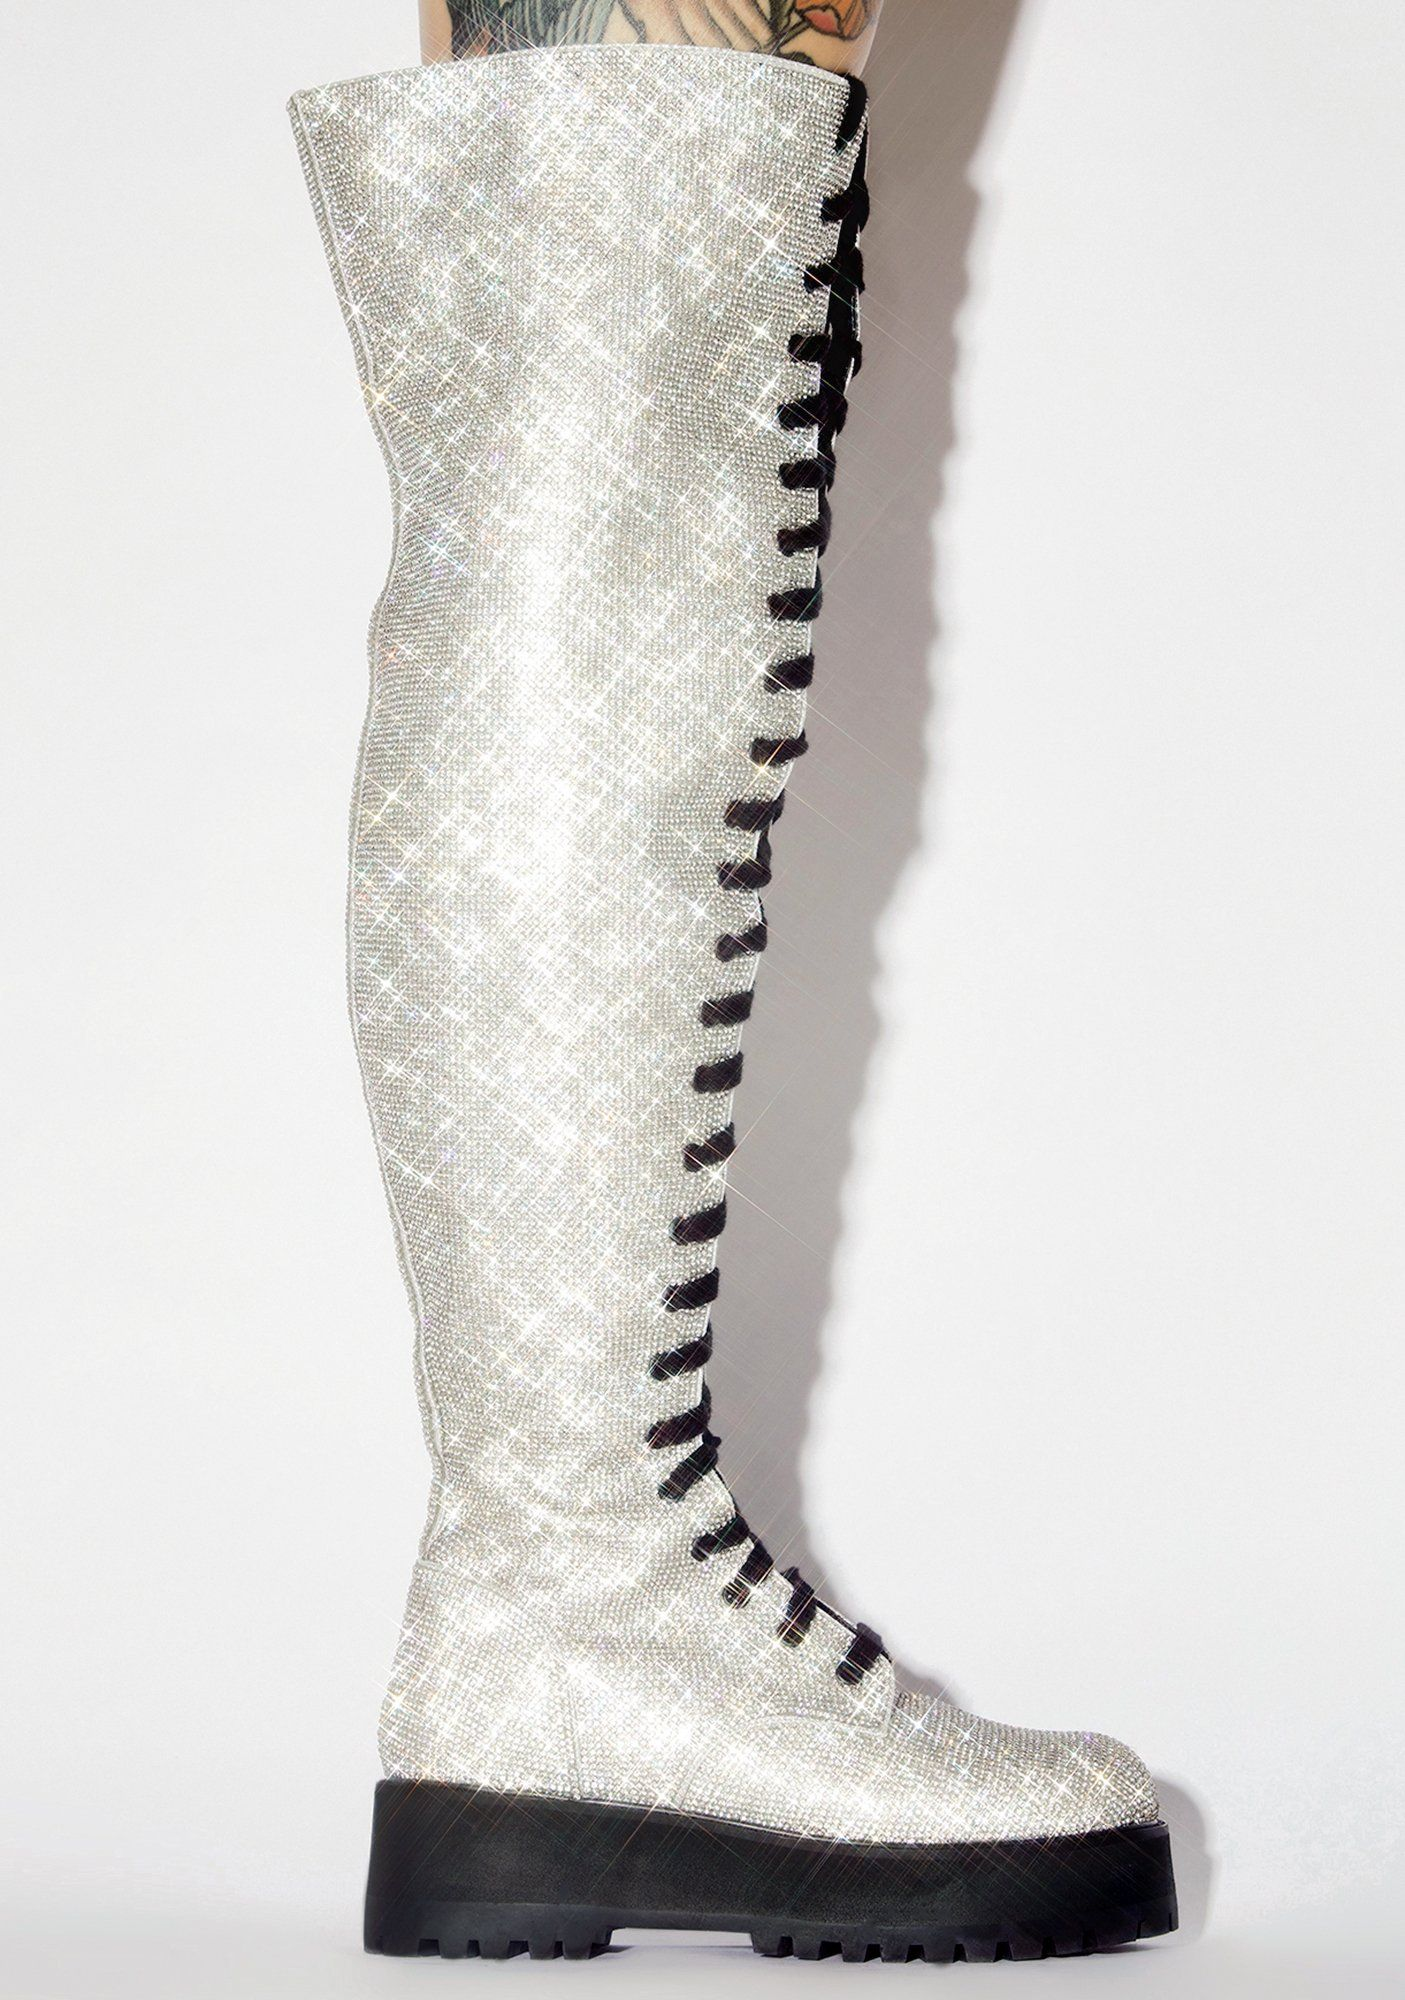 Schmoney Maker Bling Boots in 2020